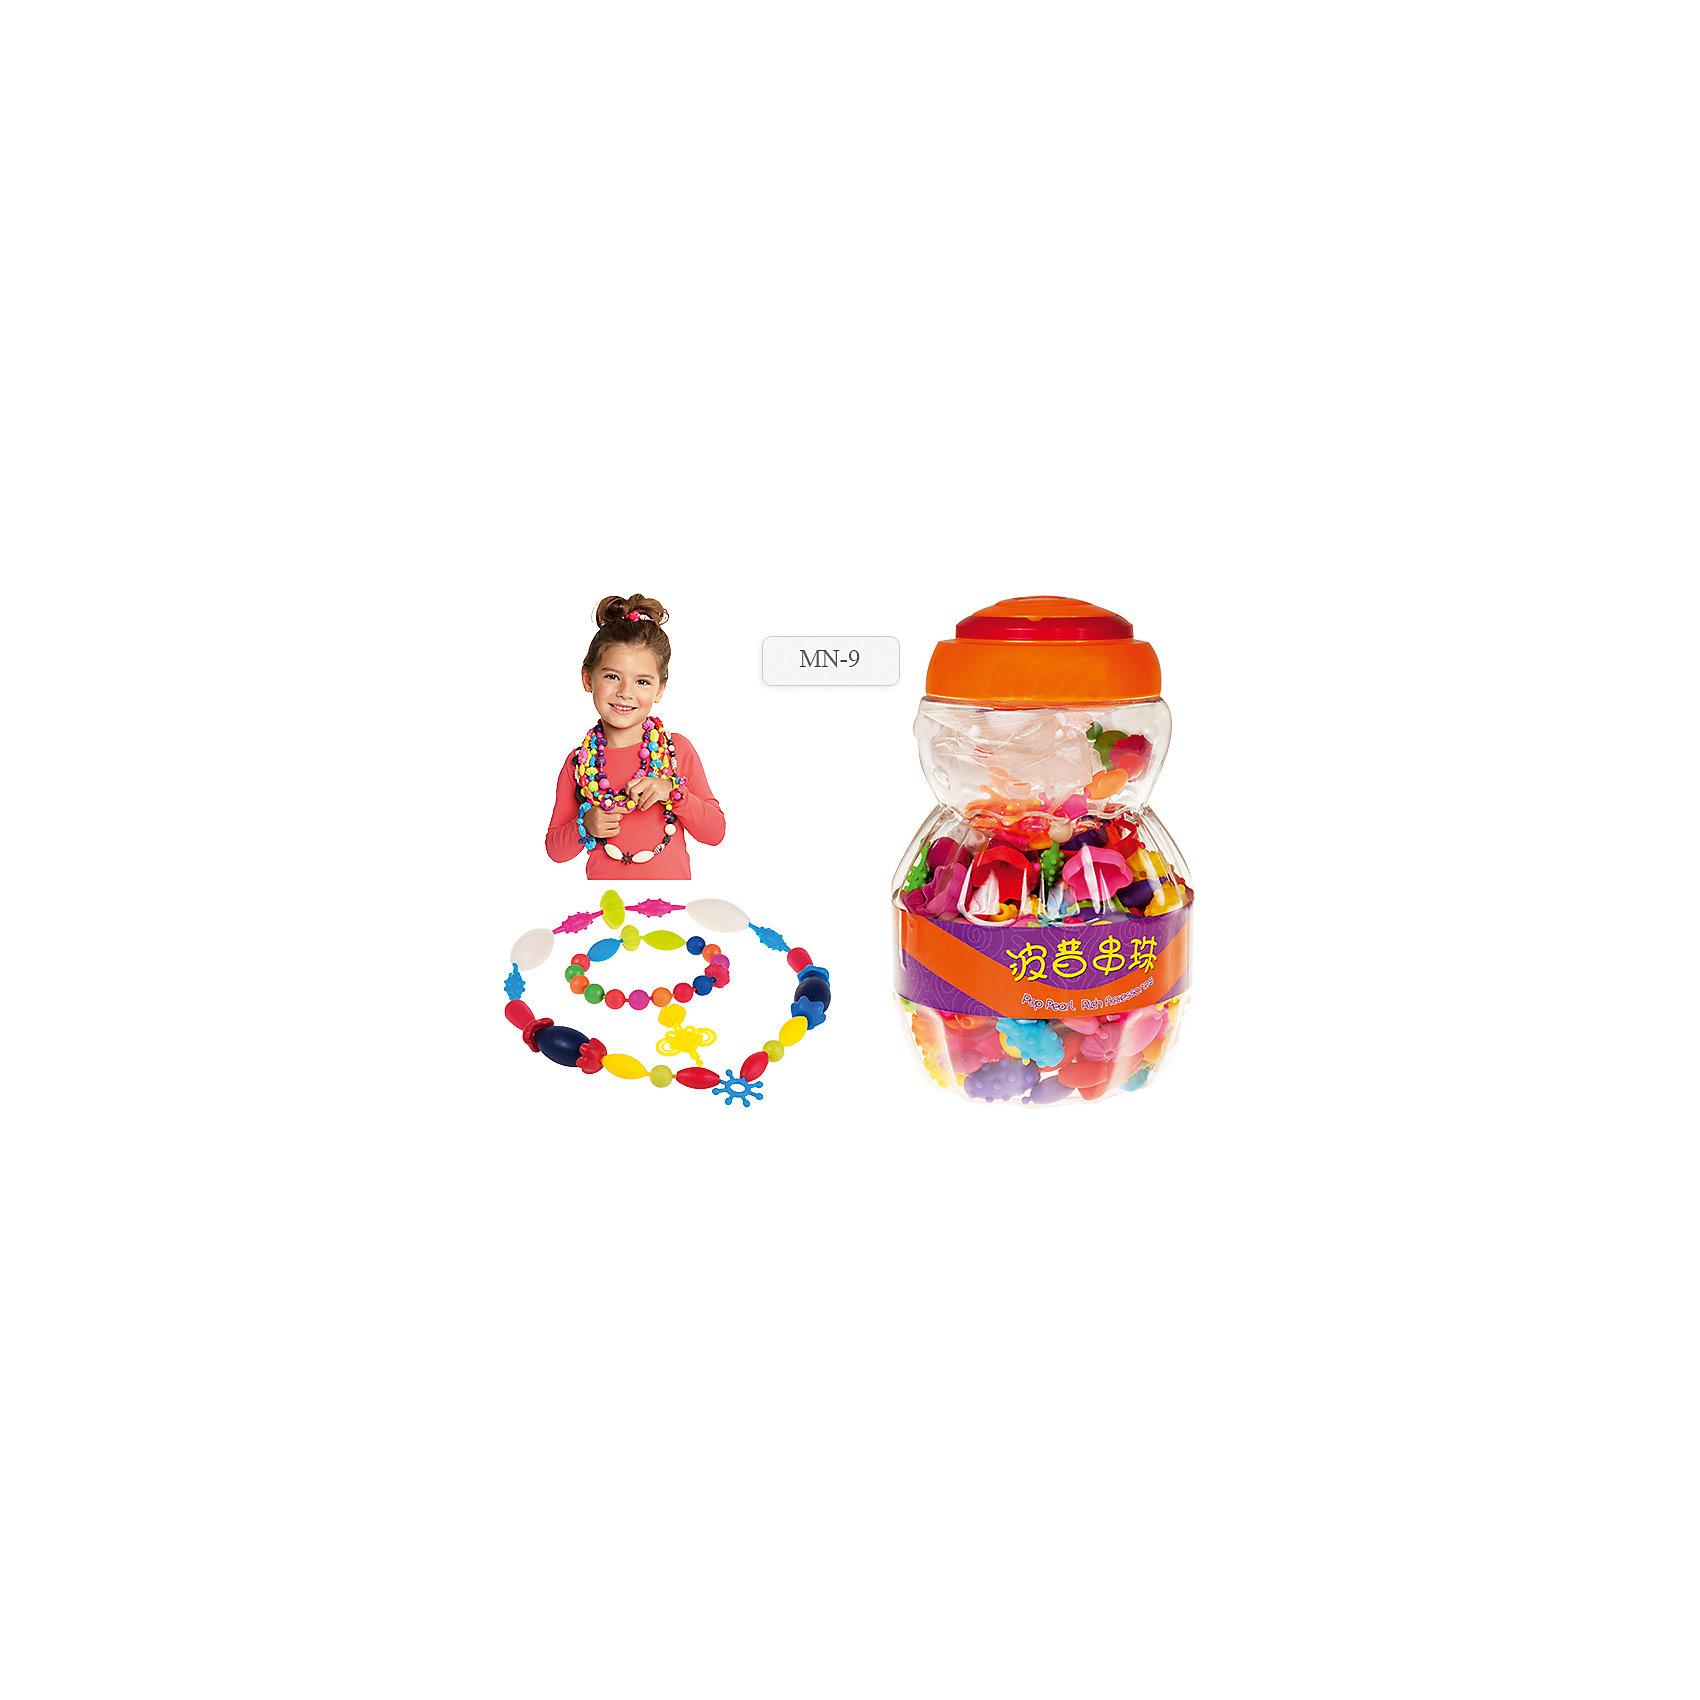 Конструктор Весёлая бижутерия, 500 деталейРукоделие<br>Конструктор Весёлая бижутерия от известного торгового бренда товаров для творчества TUKZAR предназначен для детей дошкольного возраста. Набор состоит из декоративных элементов для конструирования бижутерии: бусины разного цвета, формы, размера, заготовки для браслетов, колец, подвесок. С этим набором ваша девочка почувствует себя настоящим ювелиром, а занятия с конструктором будут способствовать развитию у вашего ребенка внимательности, усидчивости, развивать воображение и фантазию. <br><br>Дополнительная информация:<br><br>- Предназначение: для творчествих занятий, для конструирования<br>- Пол: для девочки<br>- Материал: ПВХ<br>- Комплектация: бусины разных форм, цветов и размеров, заготовки для браслетов, колец<br>- Количество элементов (шт.): 500 <br>- Упаковка: пластиковая банка с крышкой и ручкой<br><br>Подробнее:<br><br>• Для детей в возрасте: от 5 лет <br>• Страна производитель: Китай<br>• Торговый бренд: TUKZAR<br><br>Конструктор Весёлая бижутерия можно купить в нашем интернет-магазине.<br><br>Ширина мм: 200<br>Глубина мм: 200<br>Высота мм: 20<br>Вес г: 300<br>Возраст от месяцев: 36<br>Возраст до месяцев: 96<br>Пол: Женский<br>Возраст: Детский<br>SKU: 5001473